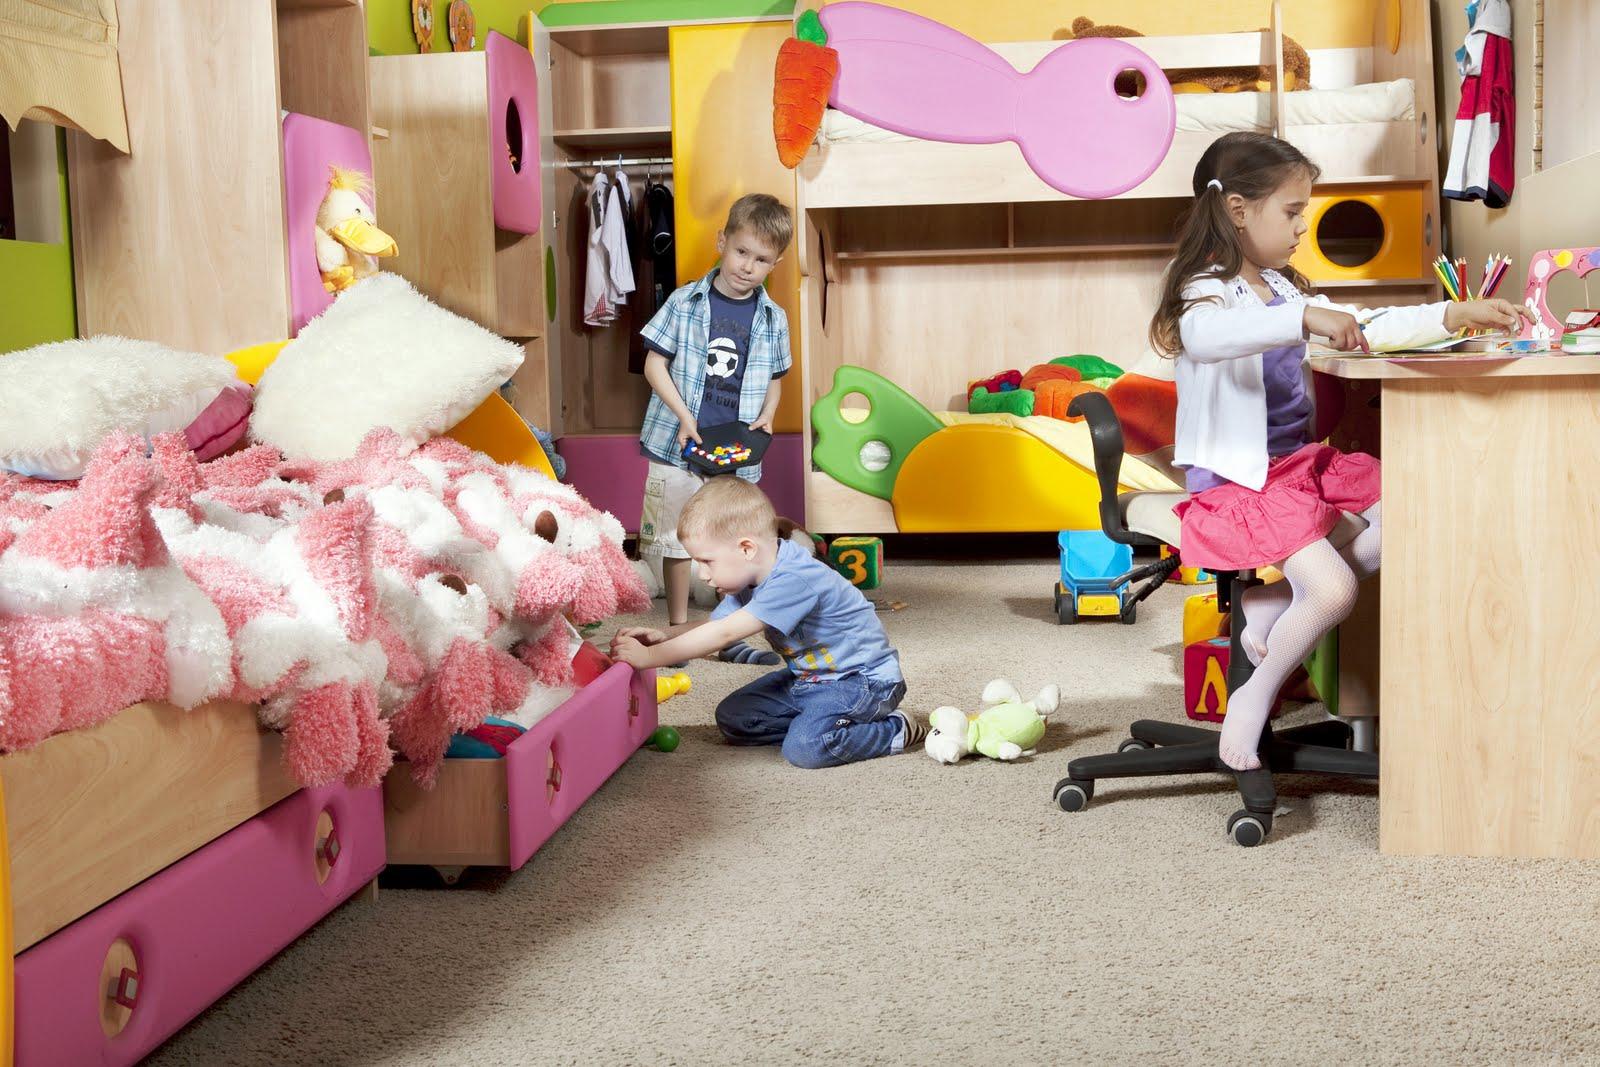 Сестра переодевается в своей комнате 9 фотография